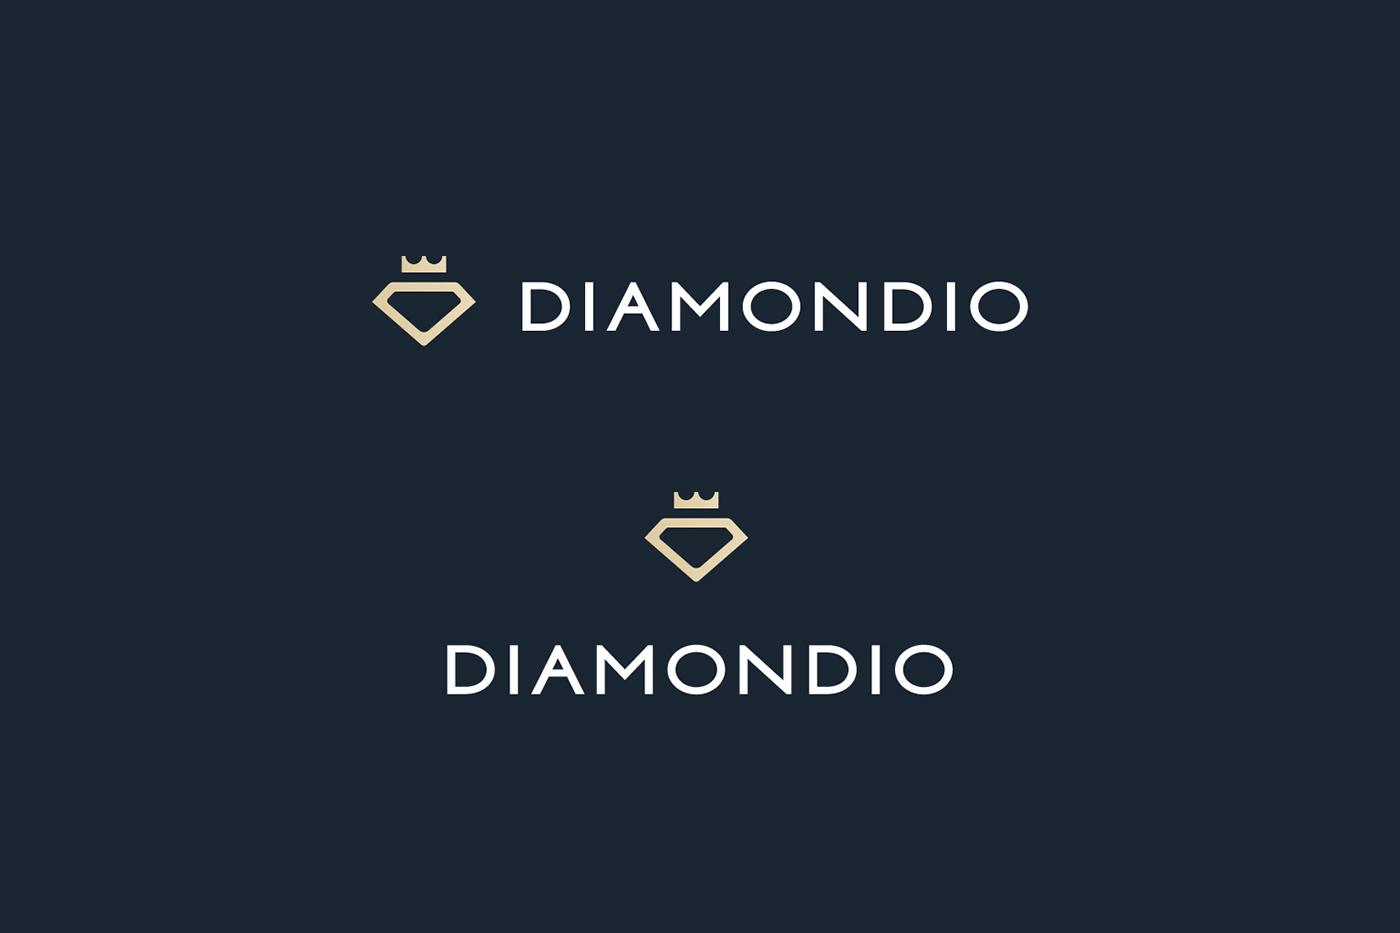 Diamondio.com Diamondio Logo Design logo diamond  symbol mark RadekBlaska RadekBlaska.com for sale Domain Custom type Typeface